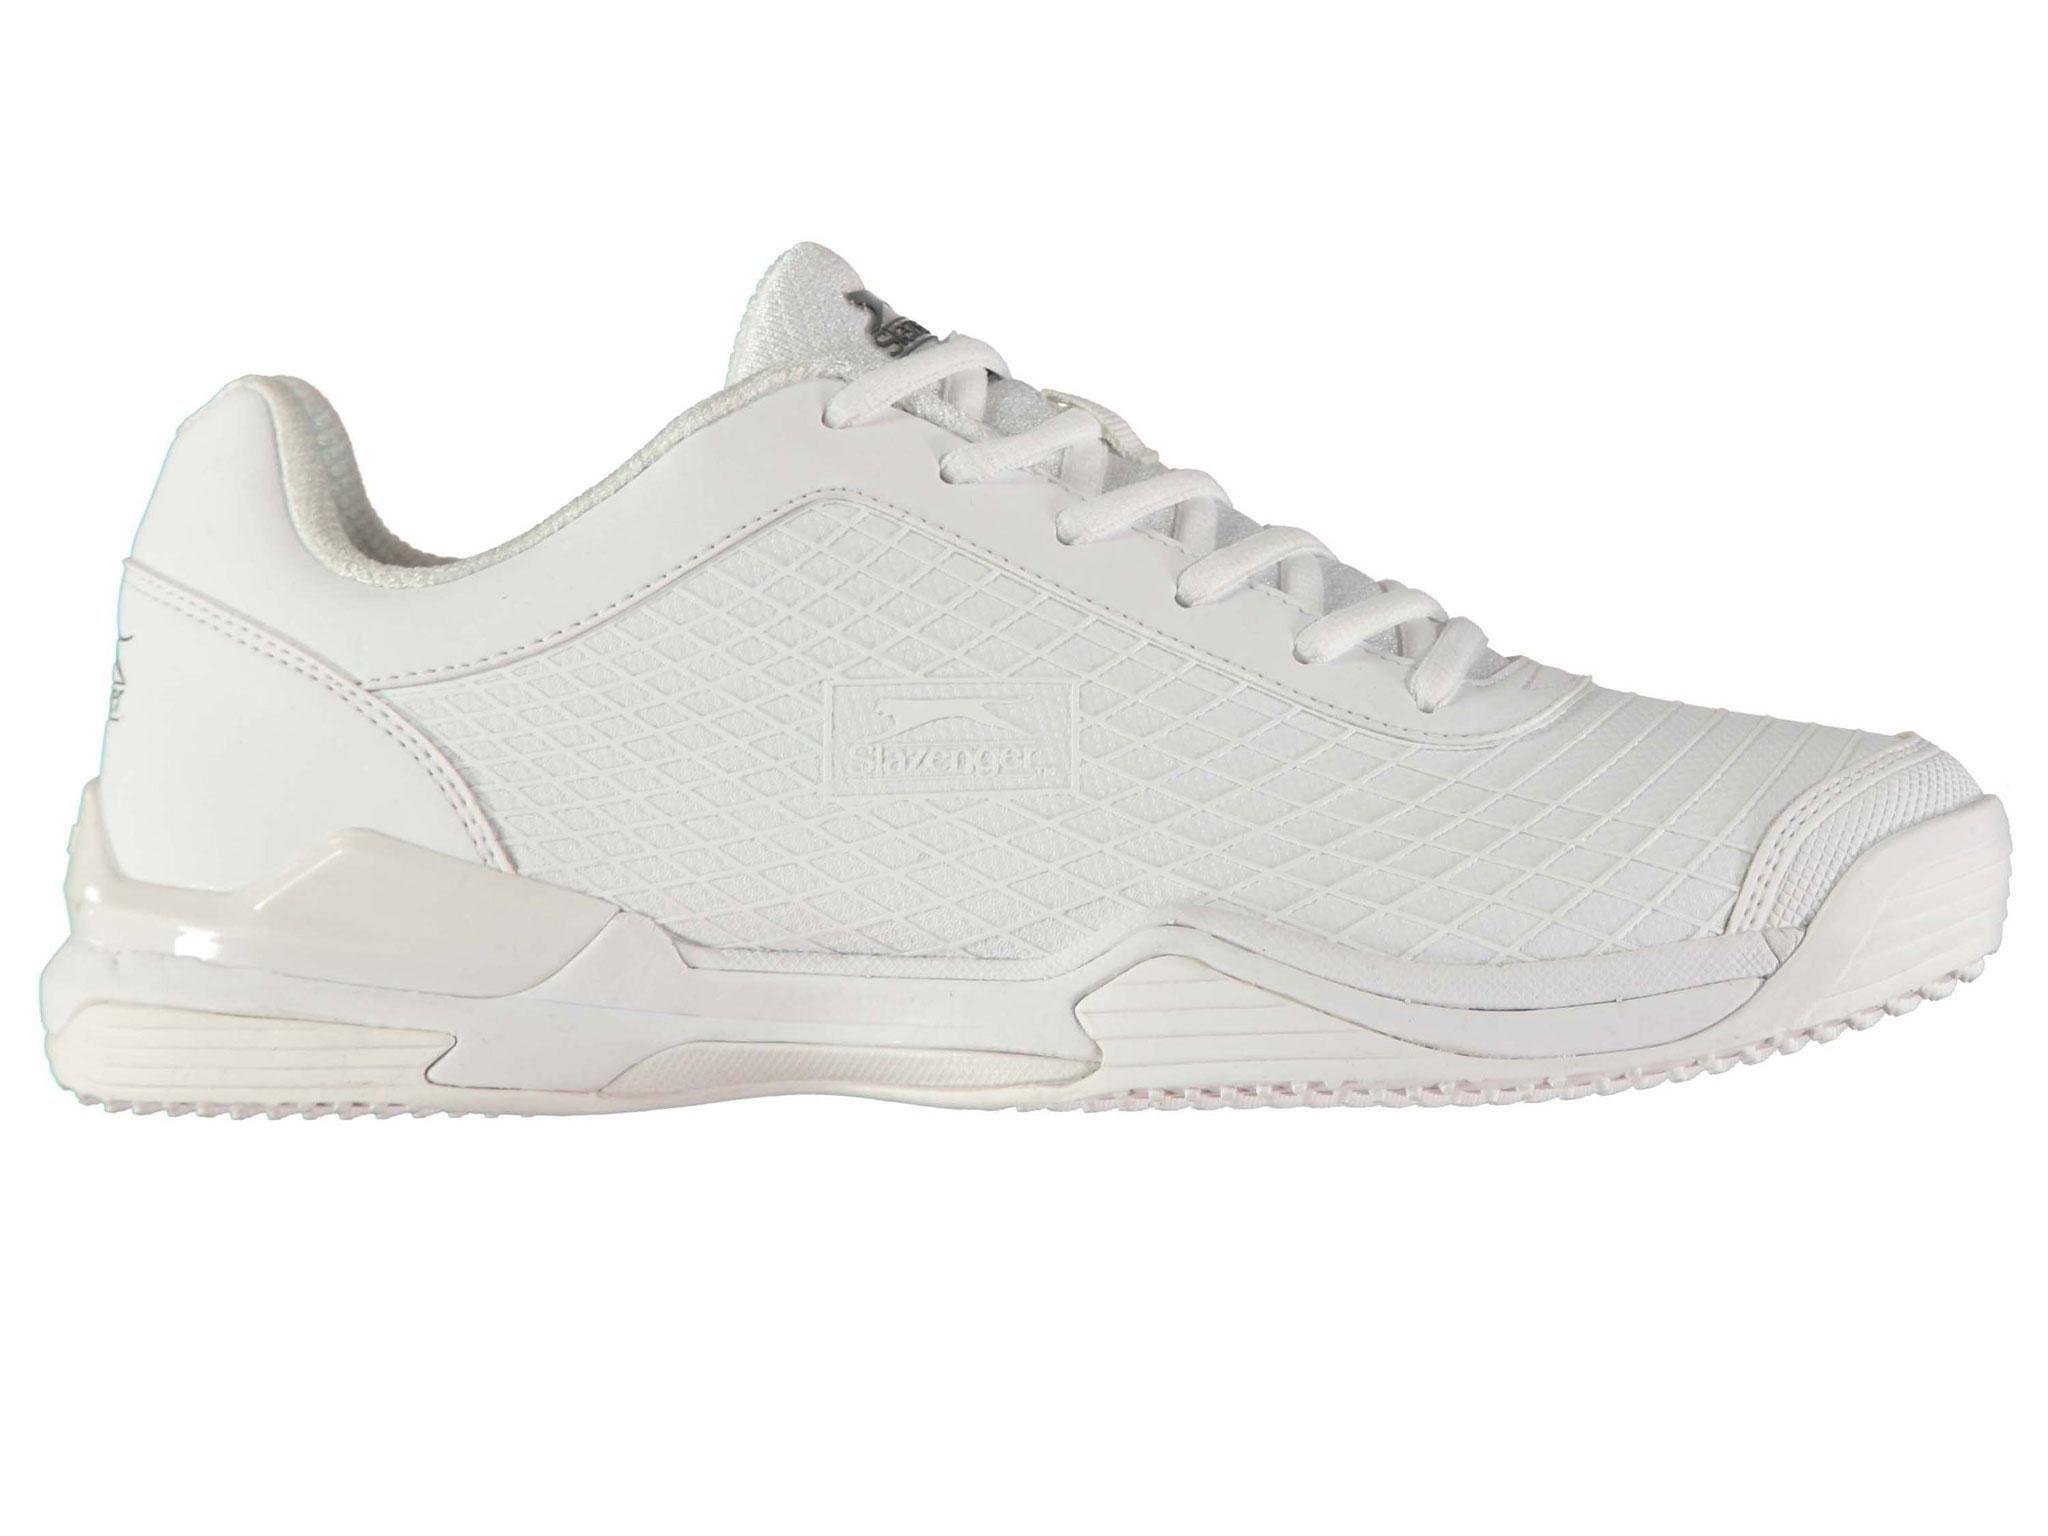 4fbb1a12d85d Slazenger 1881 Grass Court Tennis Shoes  £49.99